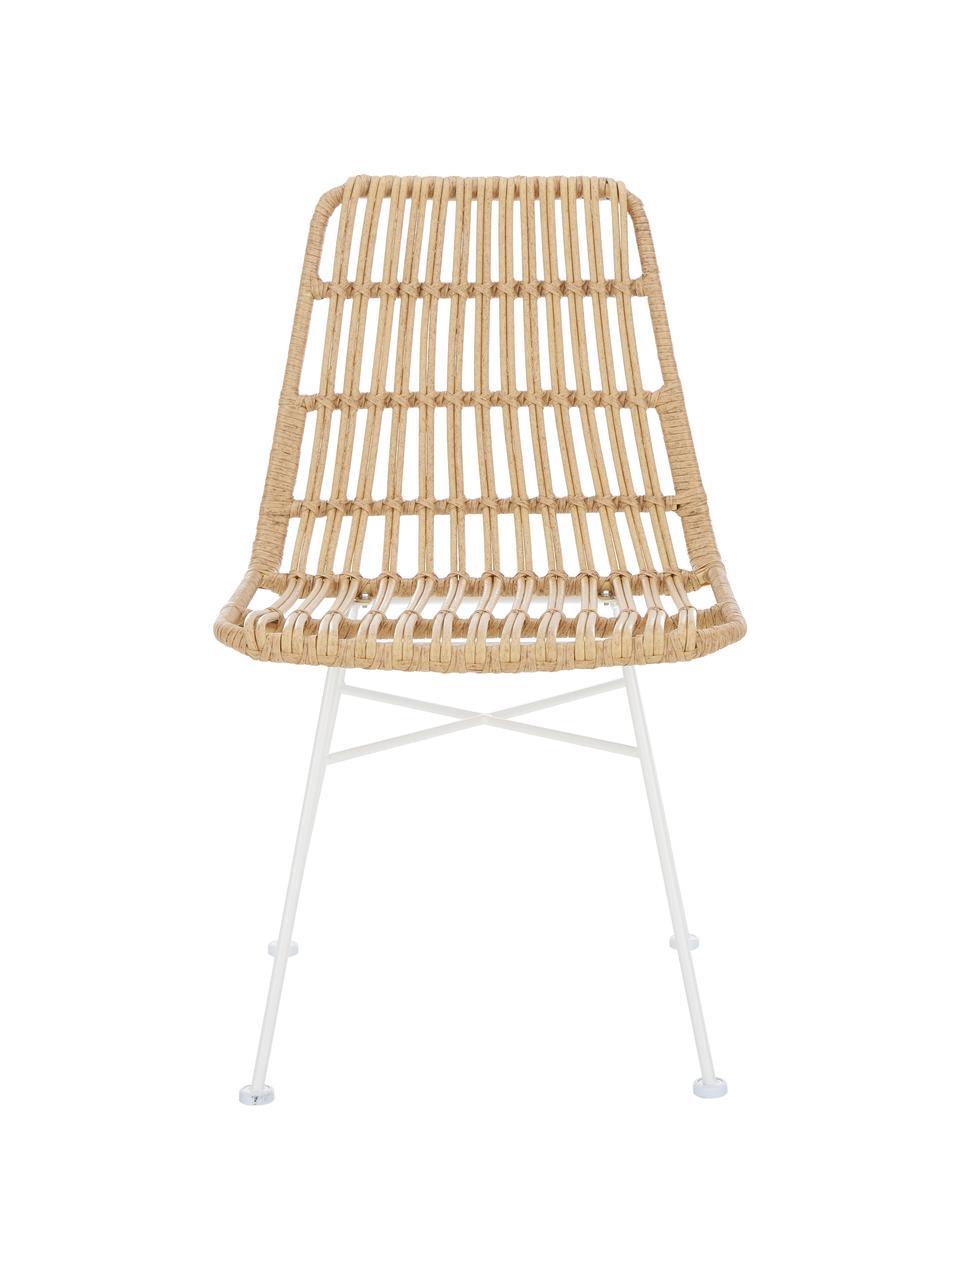 Polyratanová židle Costa, 2 ks, Světle hnědá Nohy: bílá